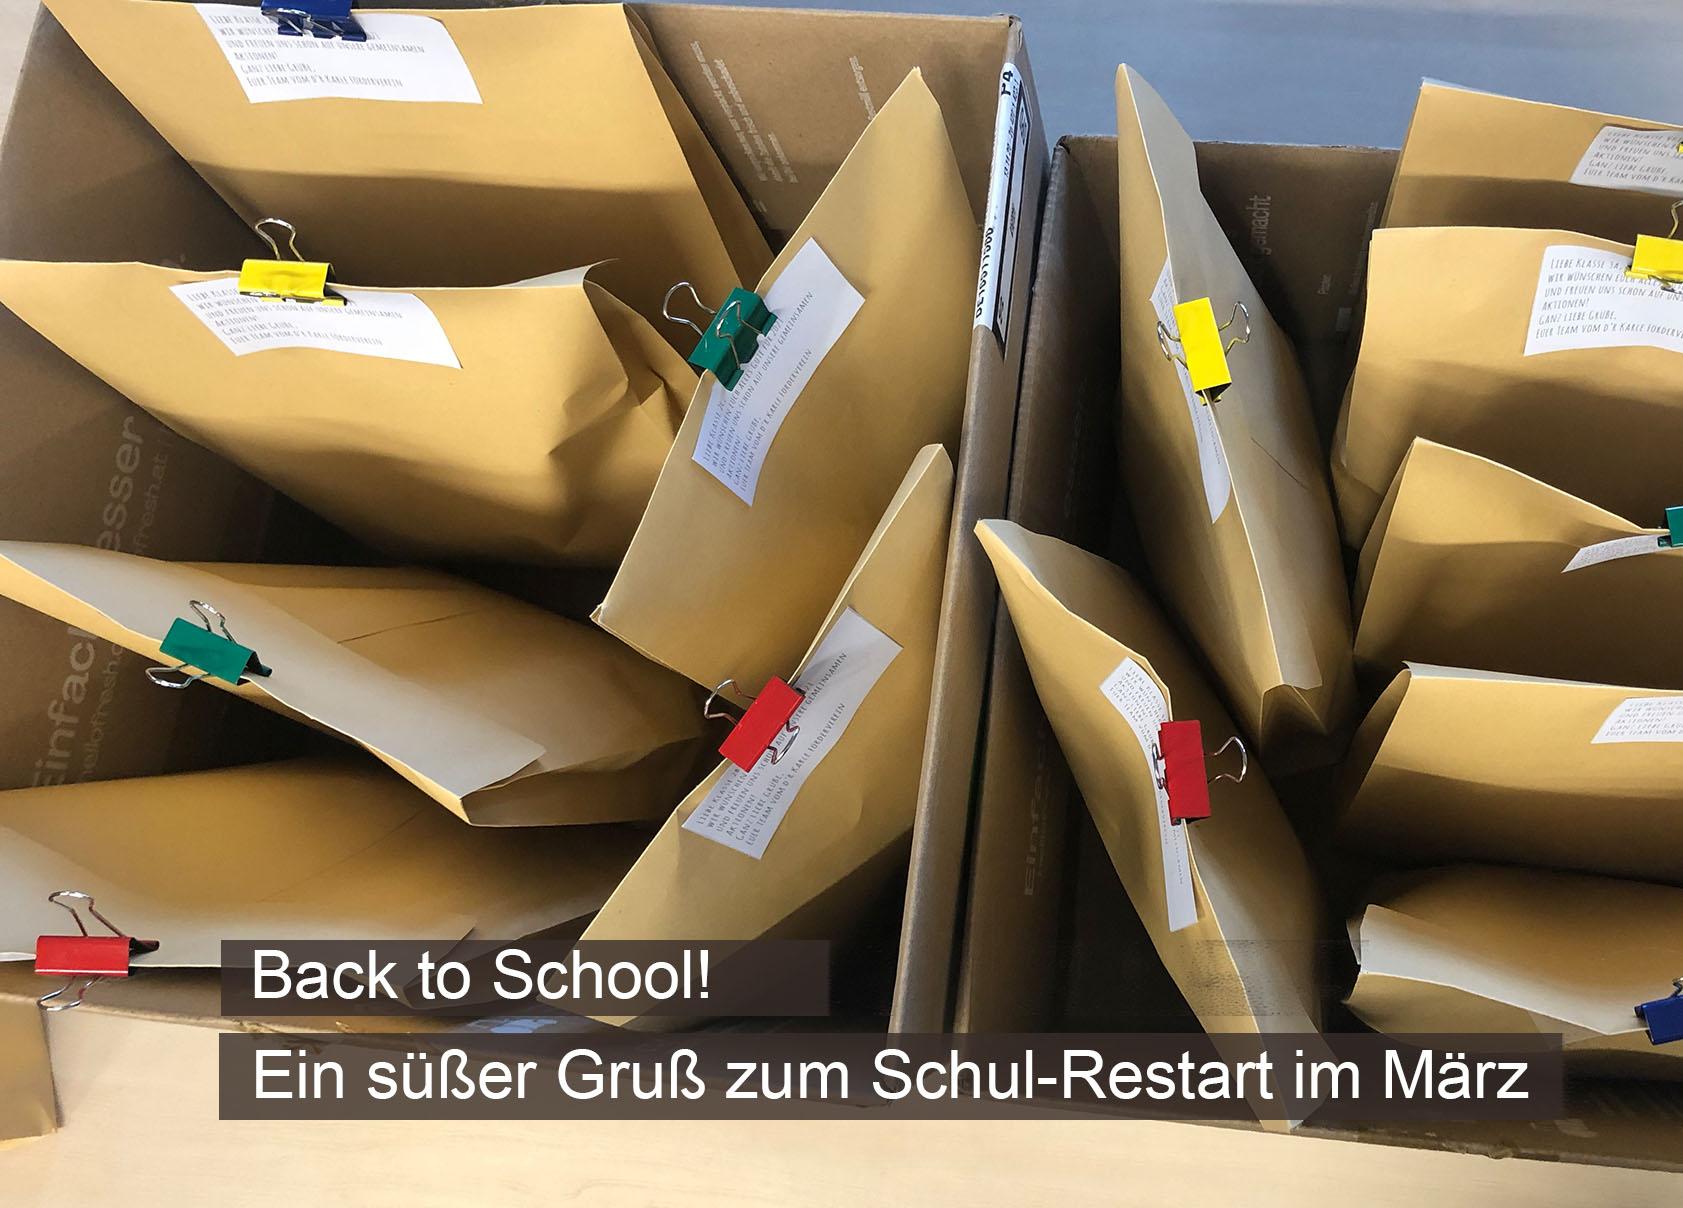 Back to School - und das Ende Februar